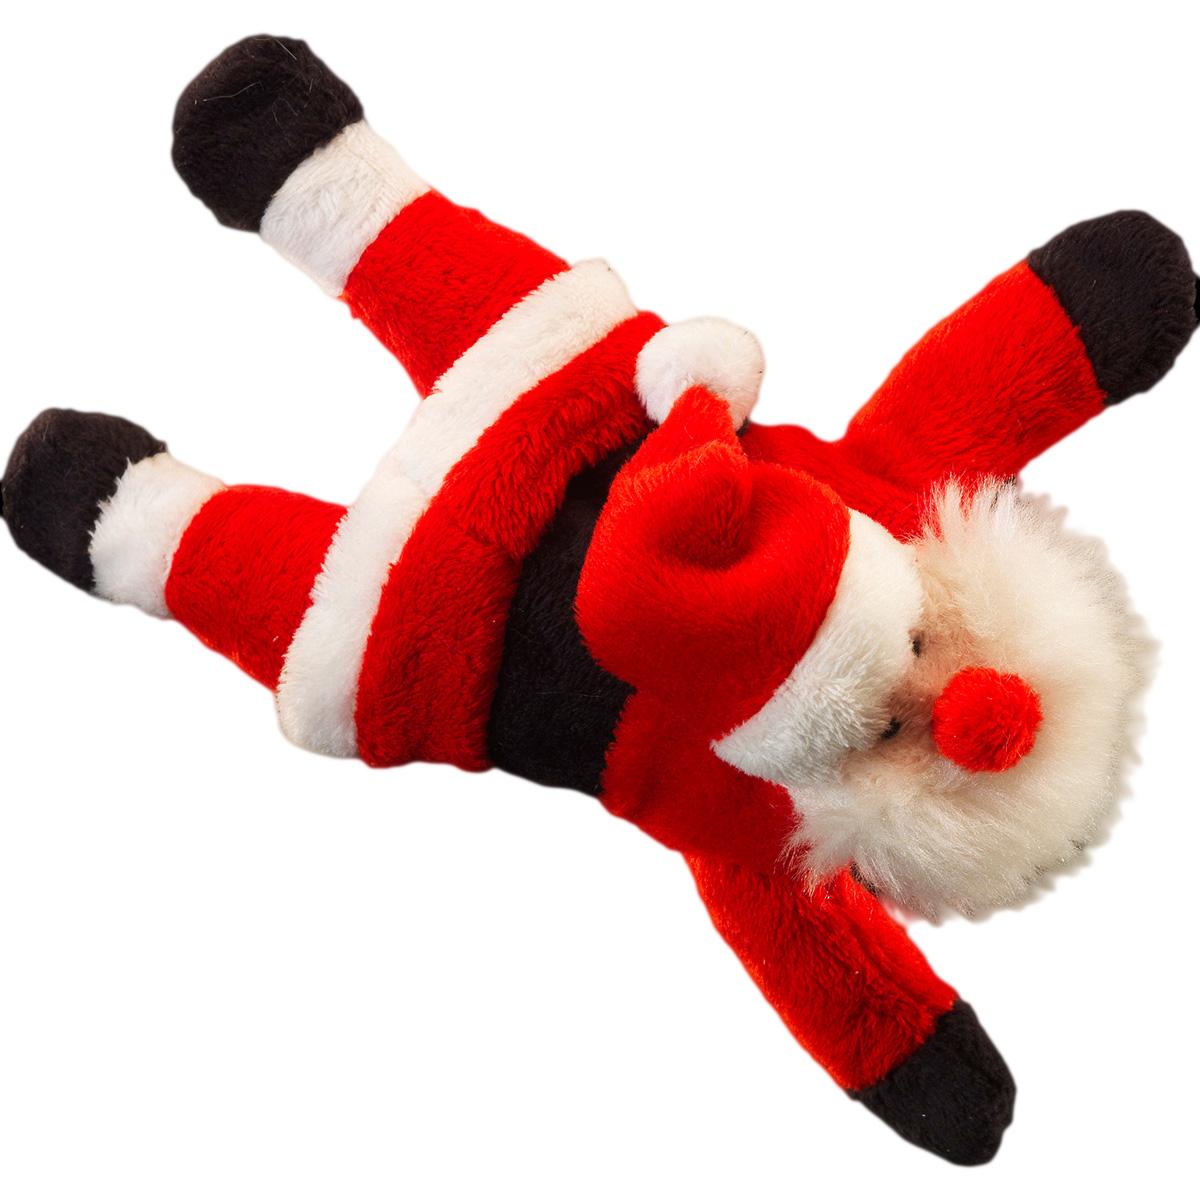 Украшение для интерьера новогоднее Erich Krause Санта, на магнитах, 15 см40895Забавный Санта Клаус с магнитами, спрятанными в руках и ногах, выполнен из мягкого плюша. Украсит металлическую поверхность интерьера. Новогодние украшения всегда несут в себе волшебство и красоту праздника. Создайте в своем доме атмосферу тепла, веселья и радости, украшая его всей семьей.